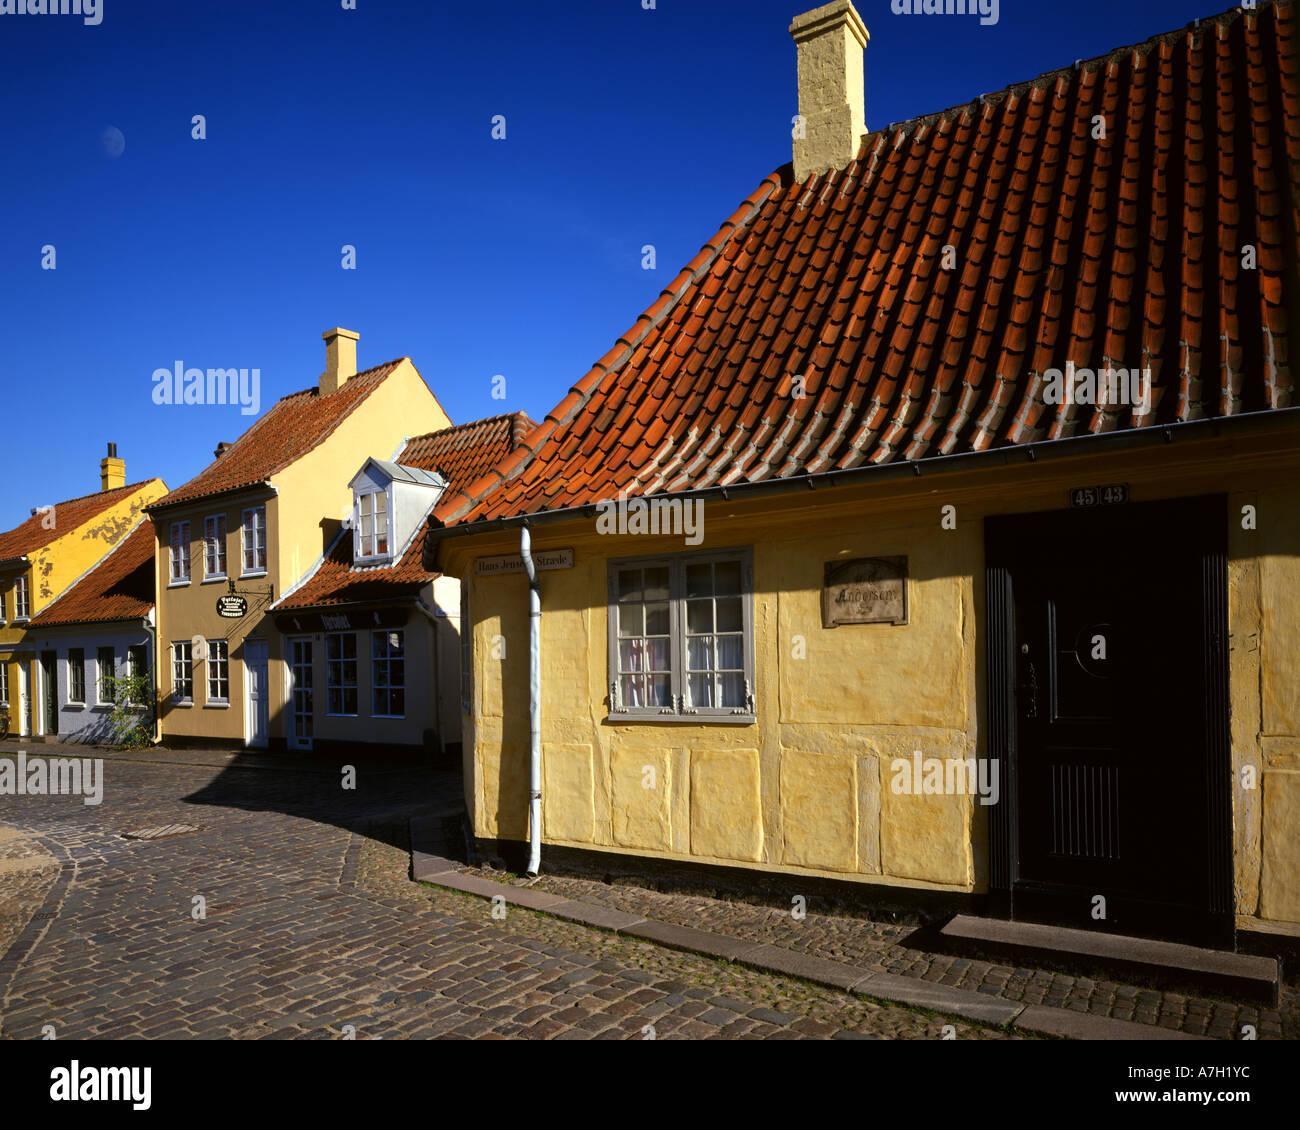 DK - FUNEN:  Hans Christian Andersen House in Odense - Stock Image